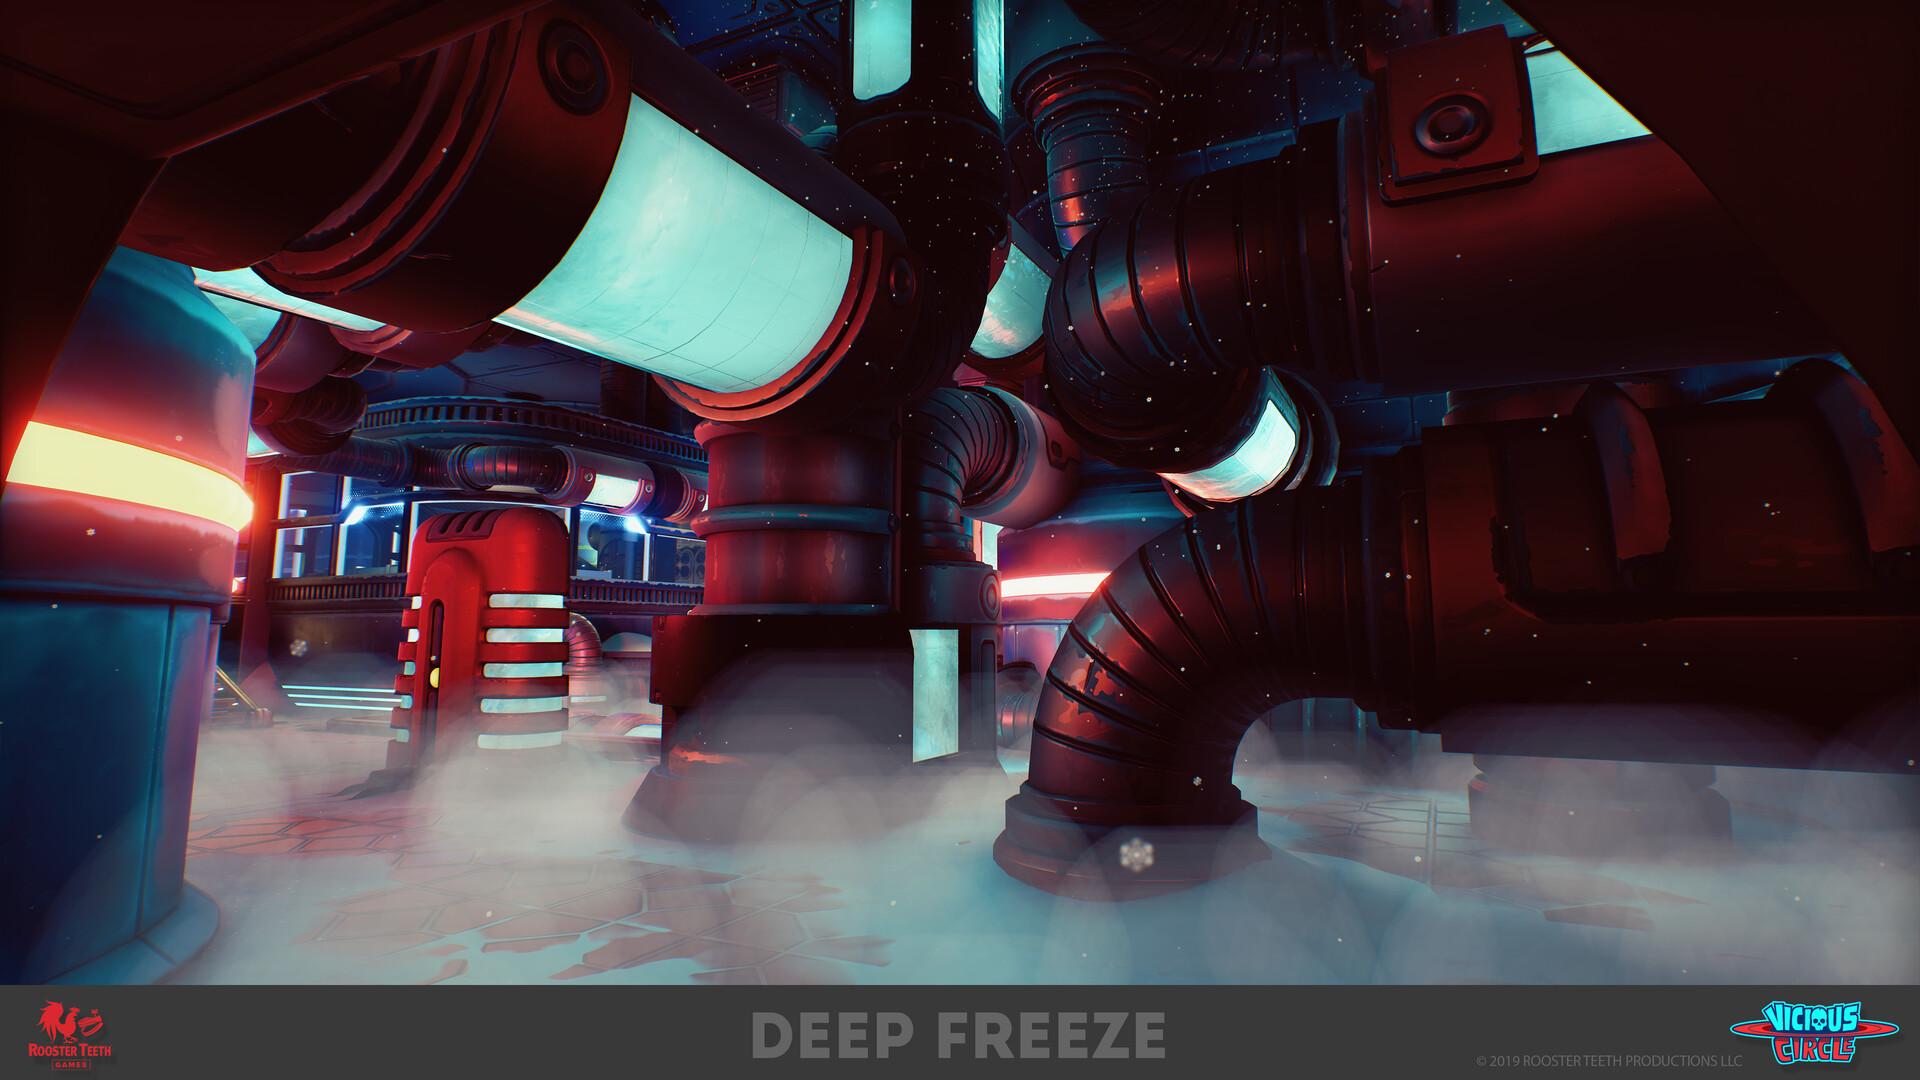 Markel milanes deep freeze renders 07